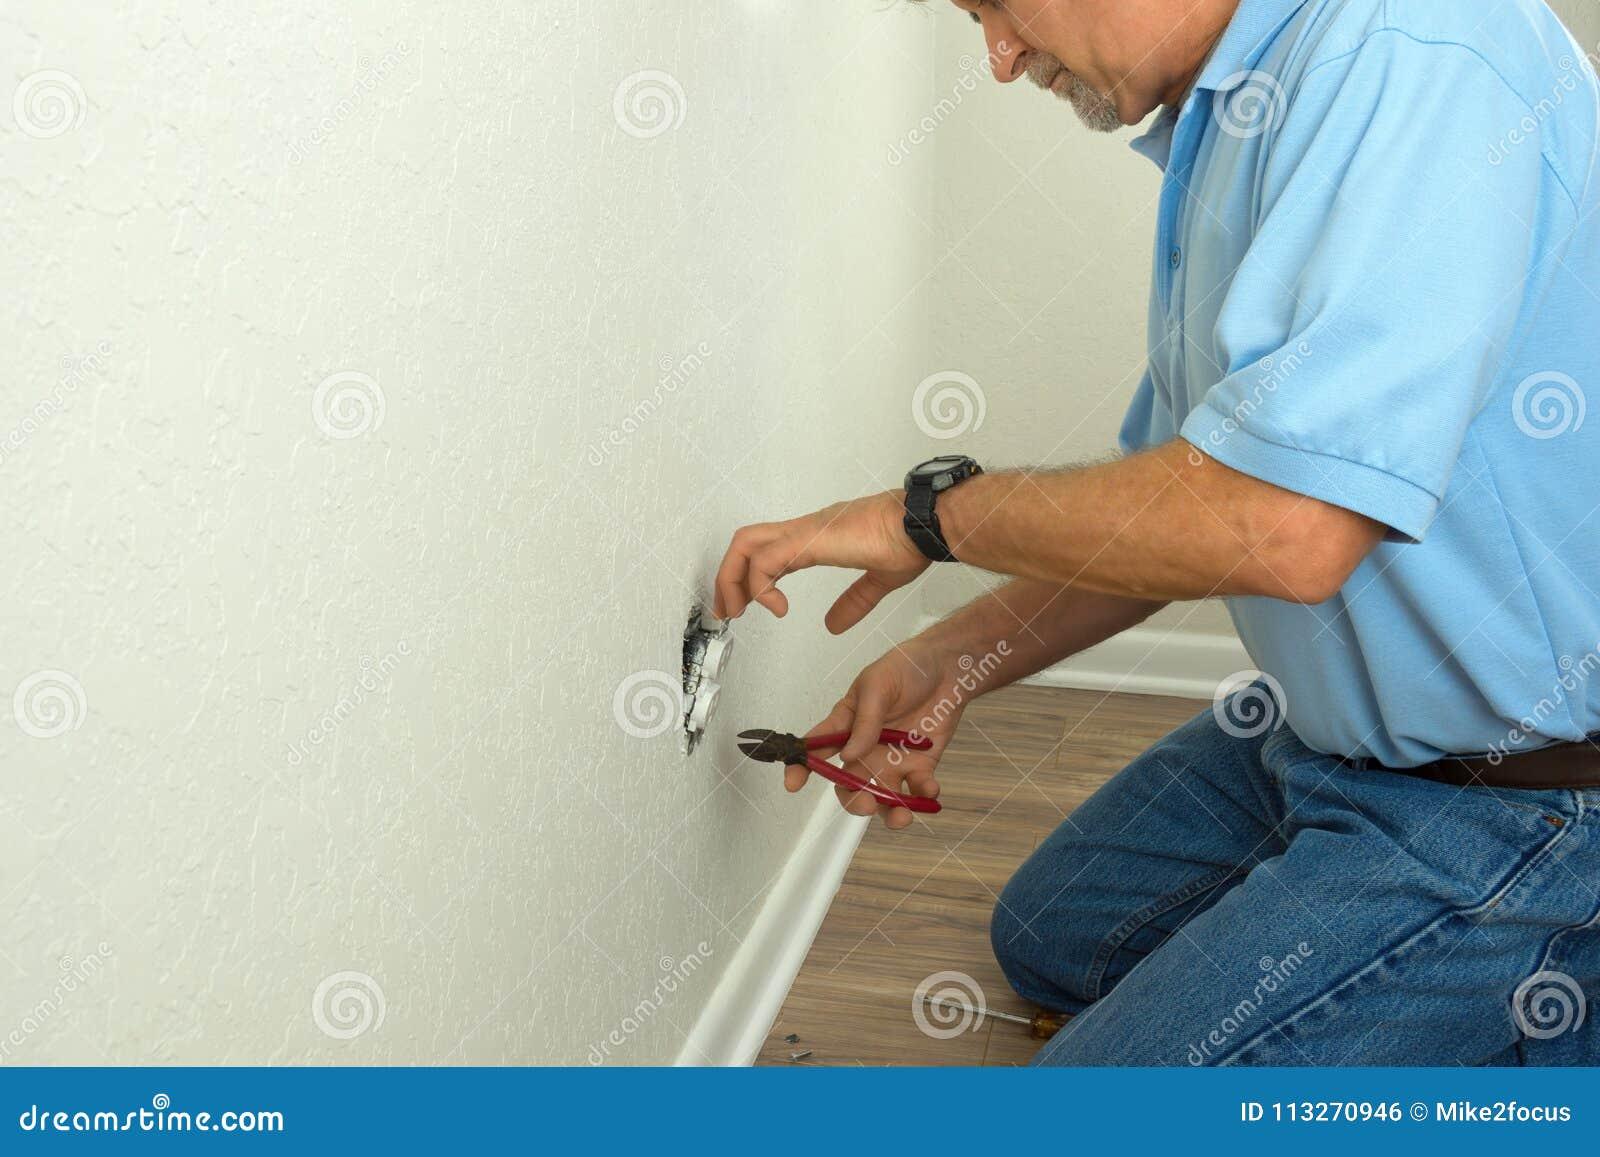 专业电工或打破的老练房主固定